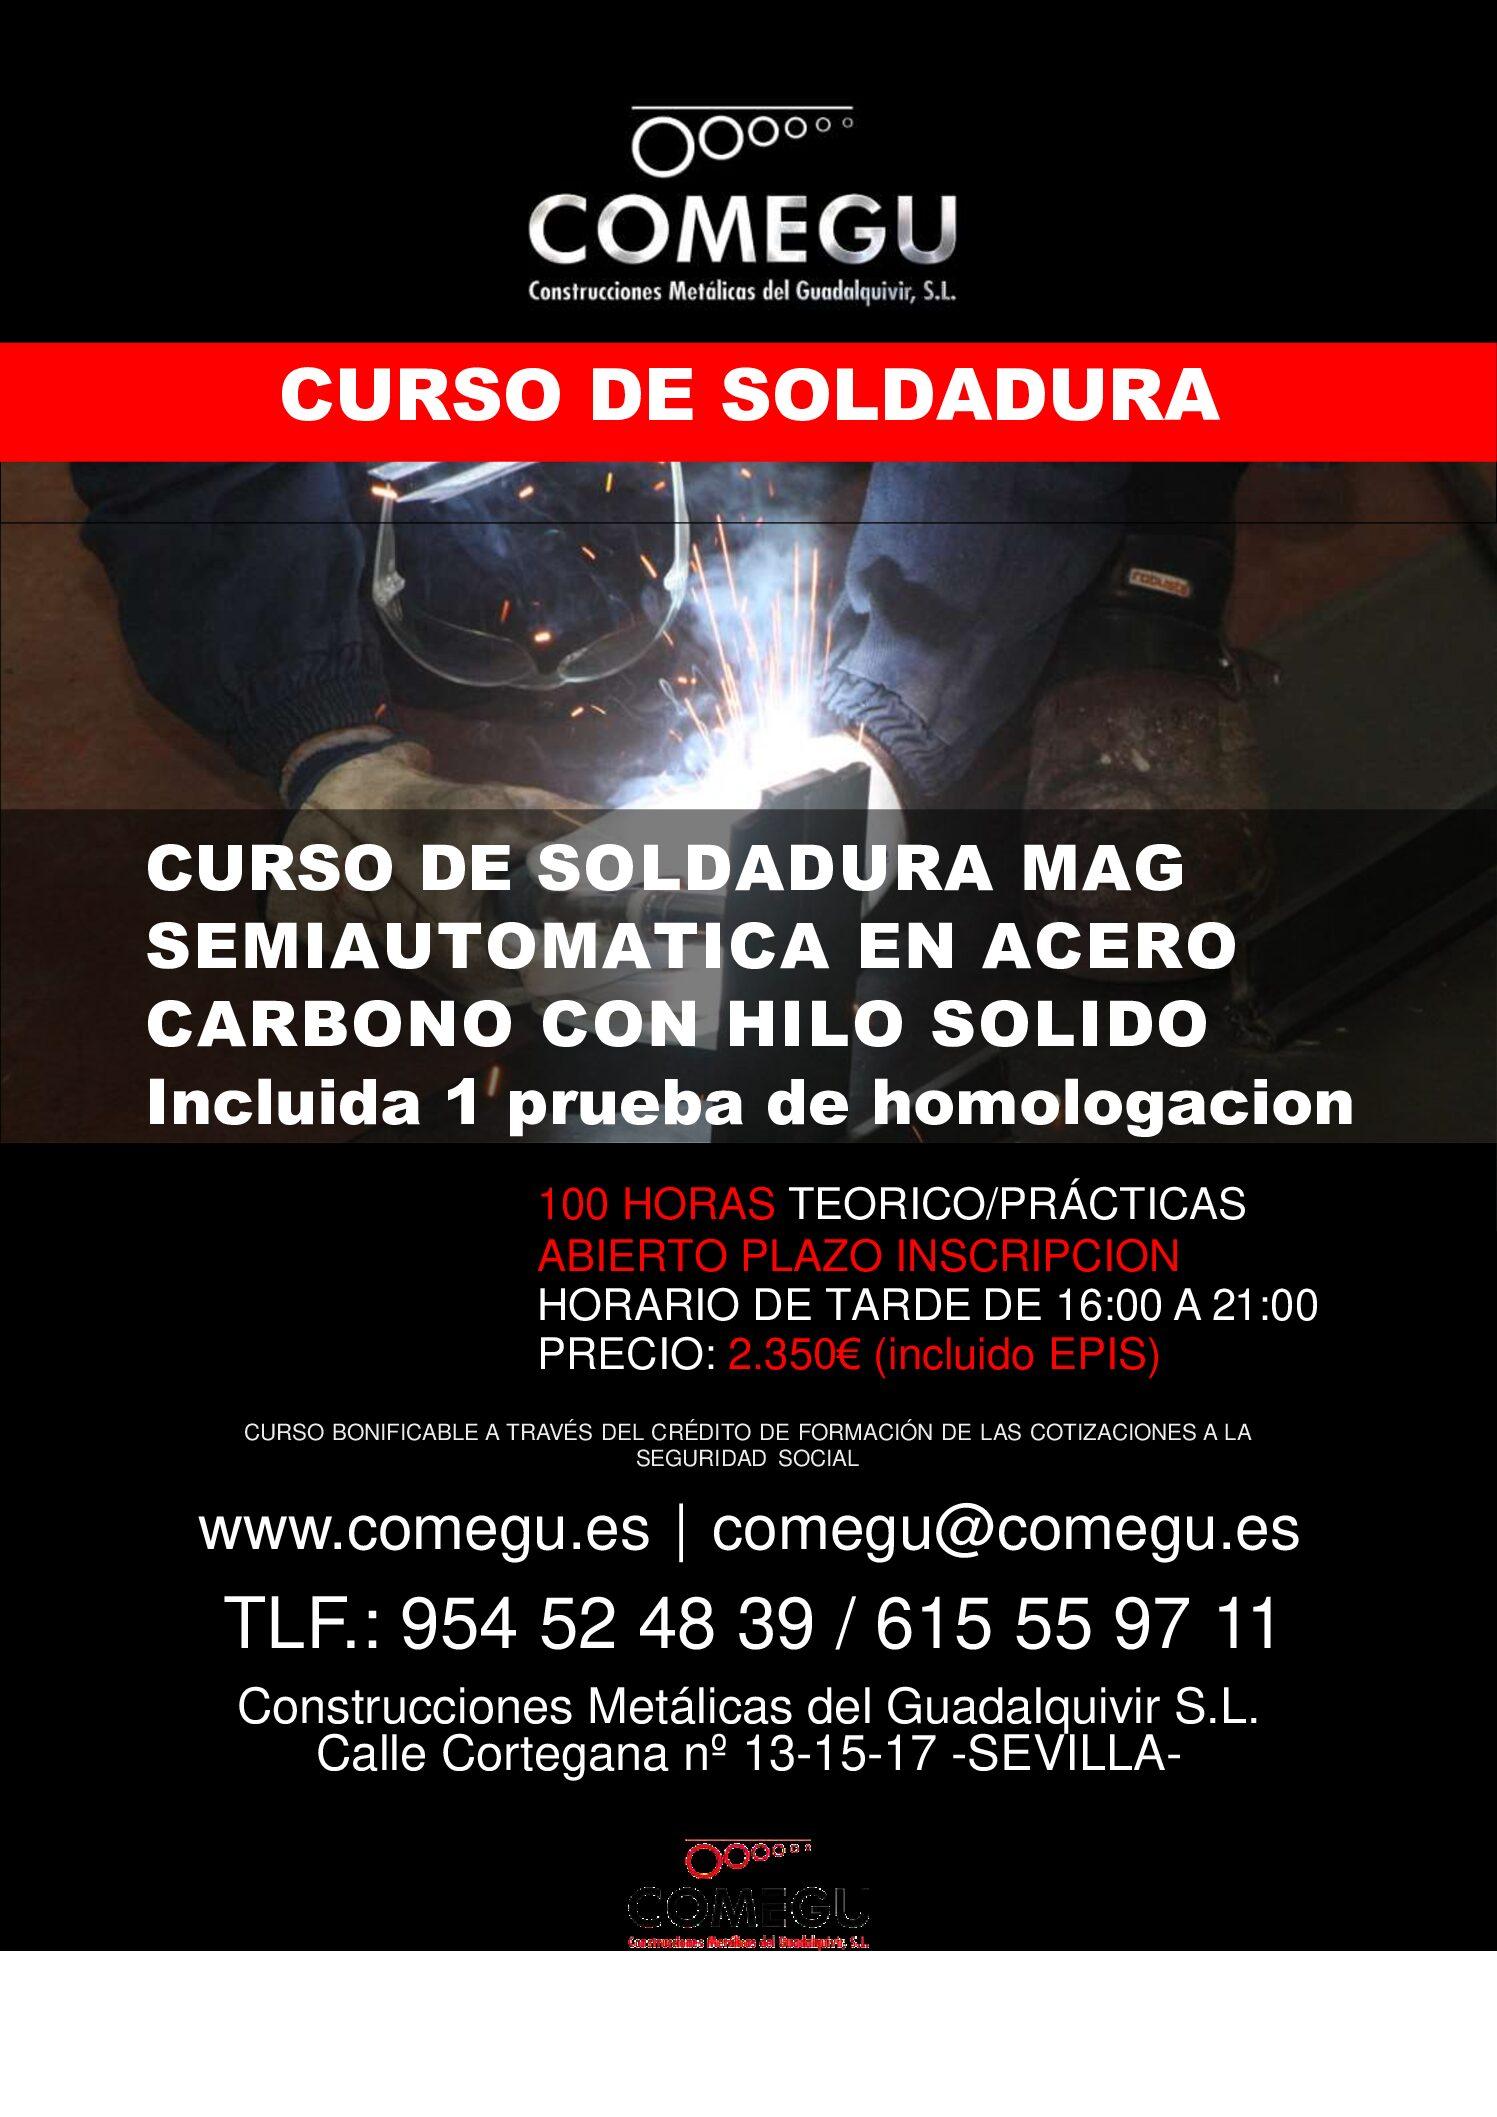 Curso de soldadura MAG semiautomatica en acero carbono con hilo solido.